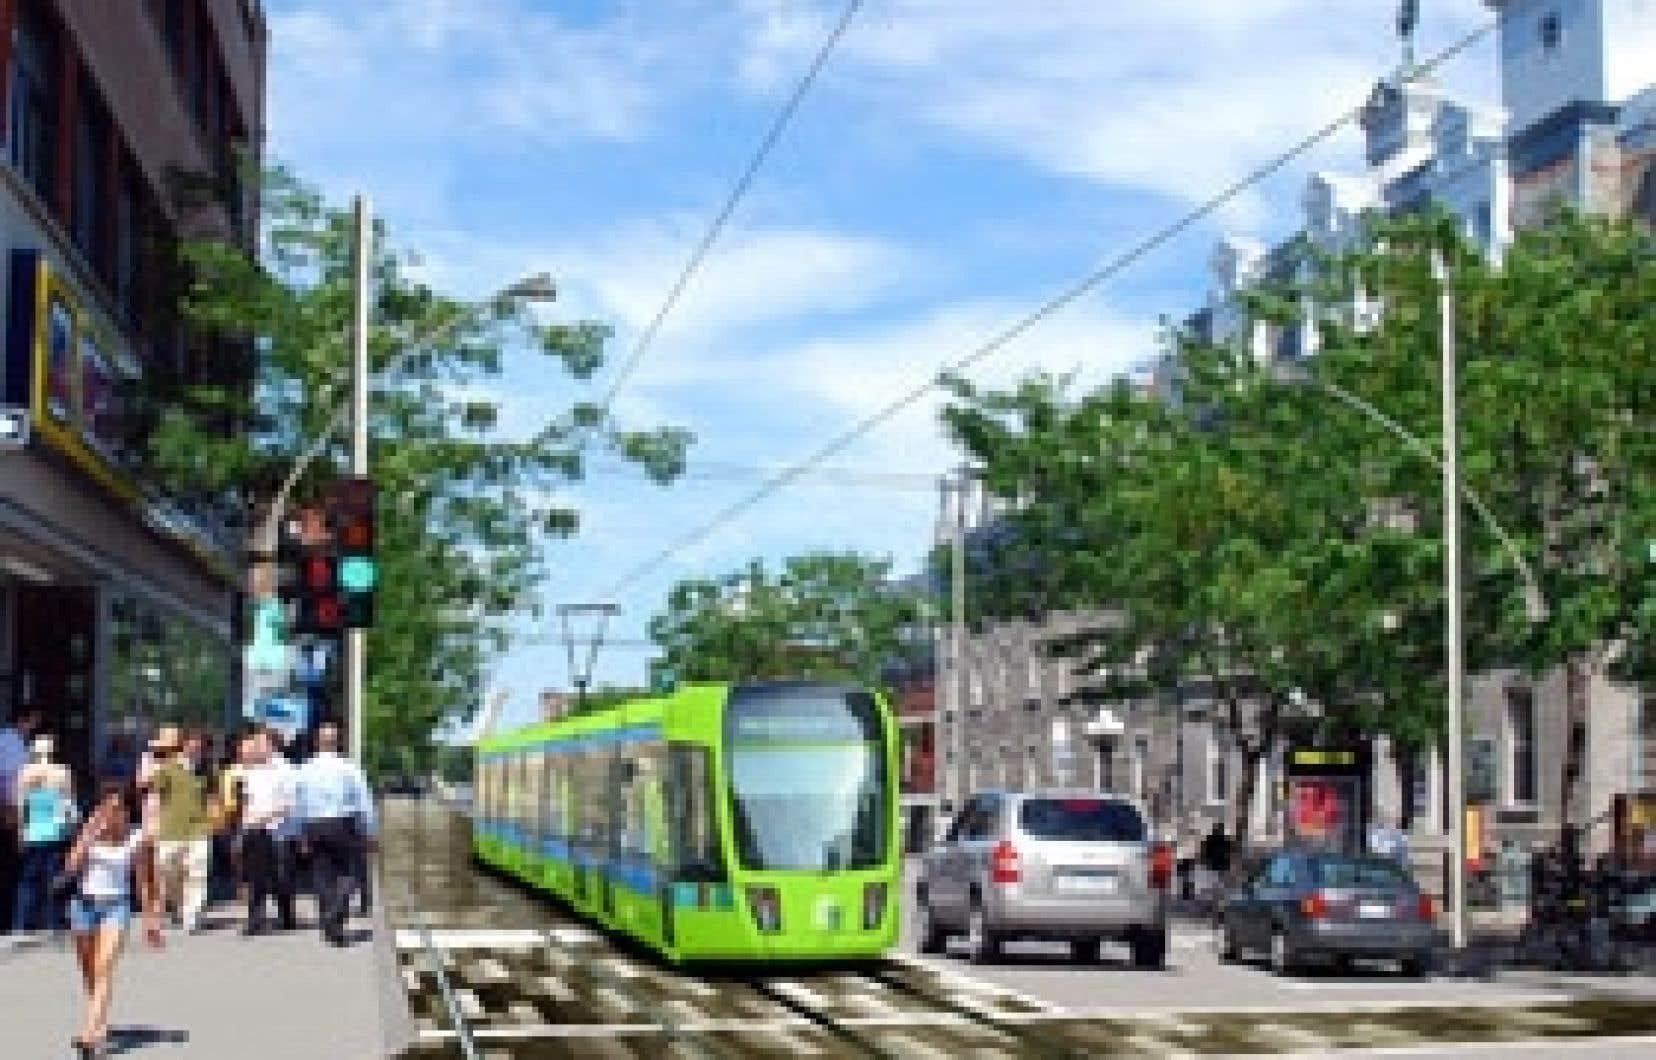 Voilà de quoi pourrait avoir l'air l'avenue du Mont-Royal si le tramway y circulait. Il s'agit de l'un des deux scénarios élaborés par Projet Montréal pour cette artère commerciale. Sur cette image, les automobilistes disposent d'une voie